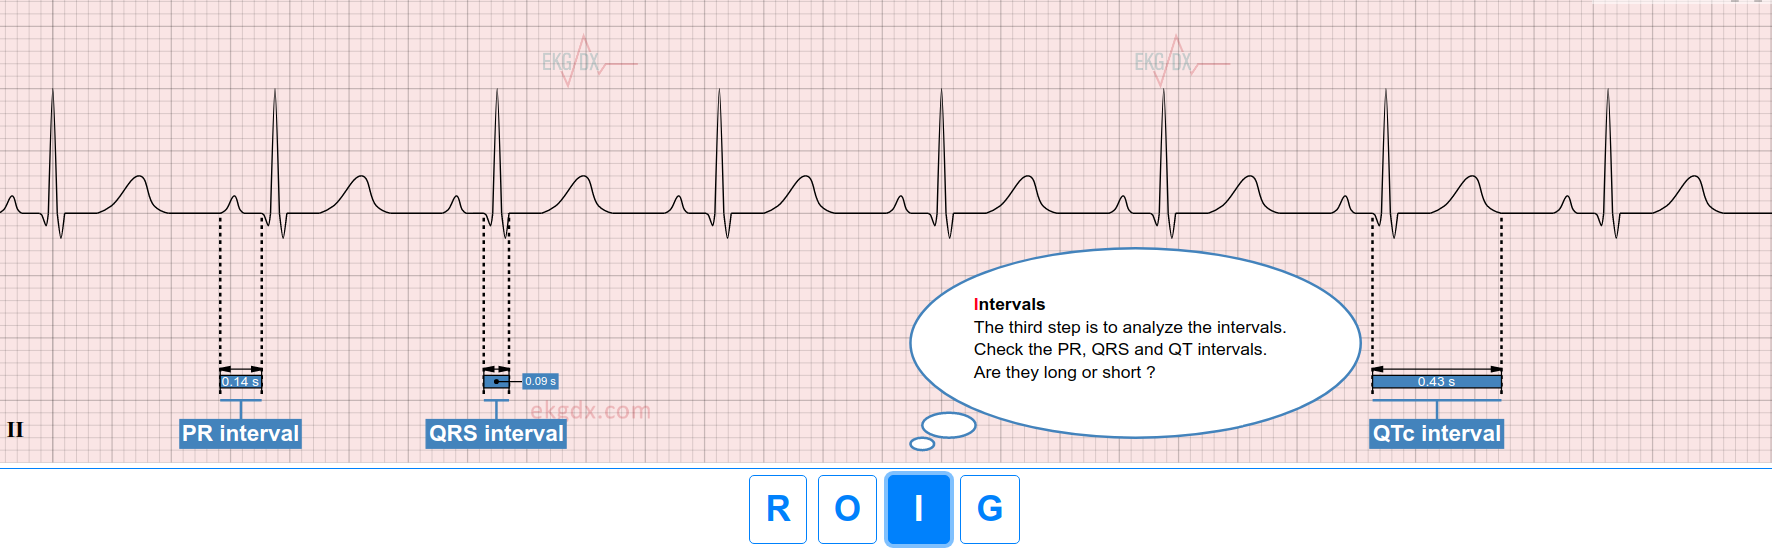 EKG intervals